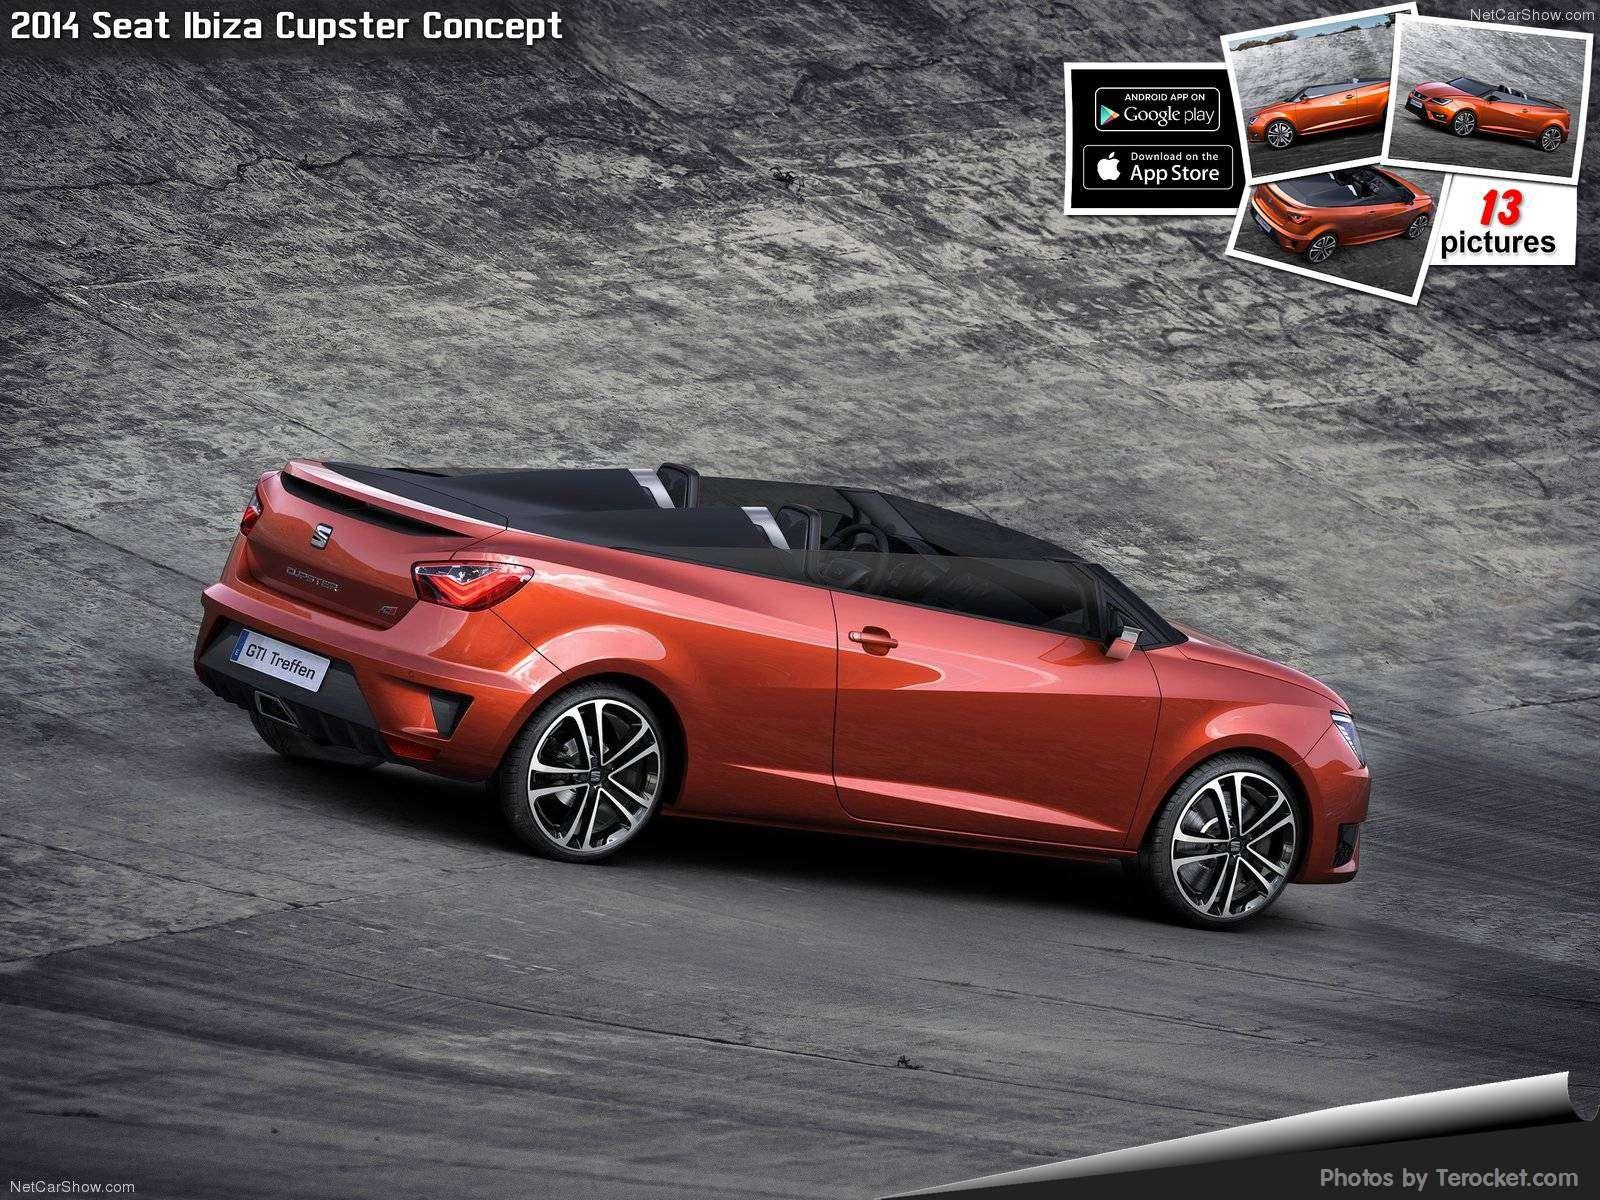 Hình ảnh xe ô tô Seat Ibiza Cupster Concept 2014 & nội ngoại thất